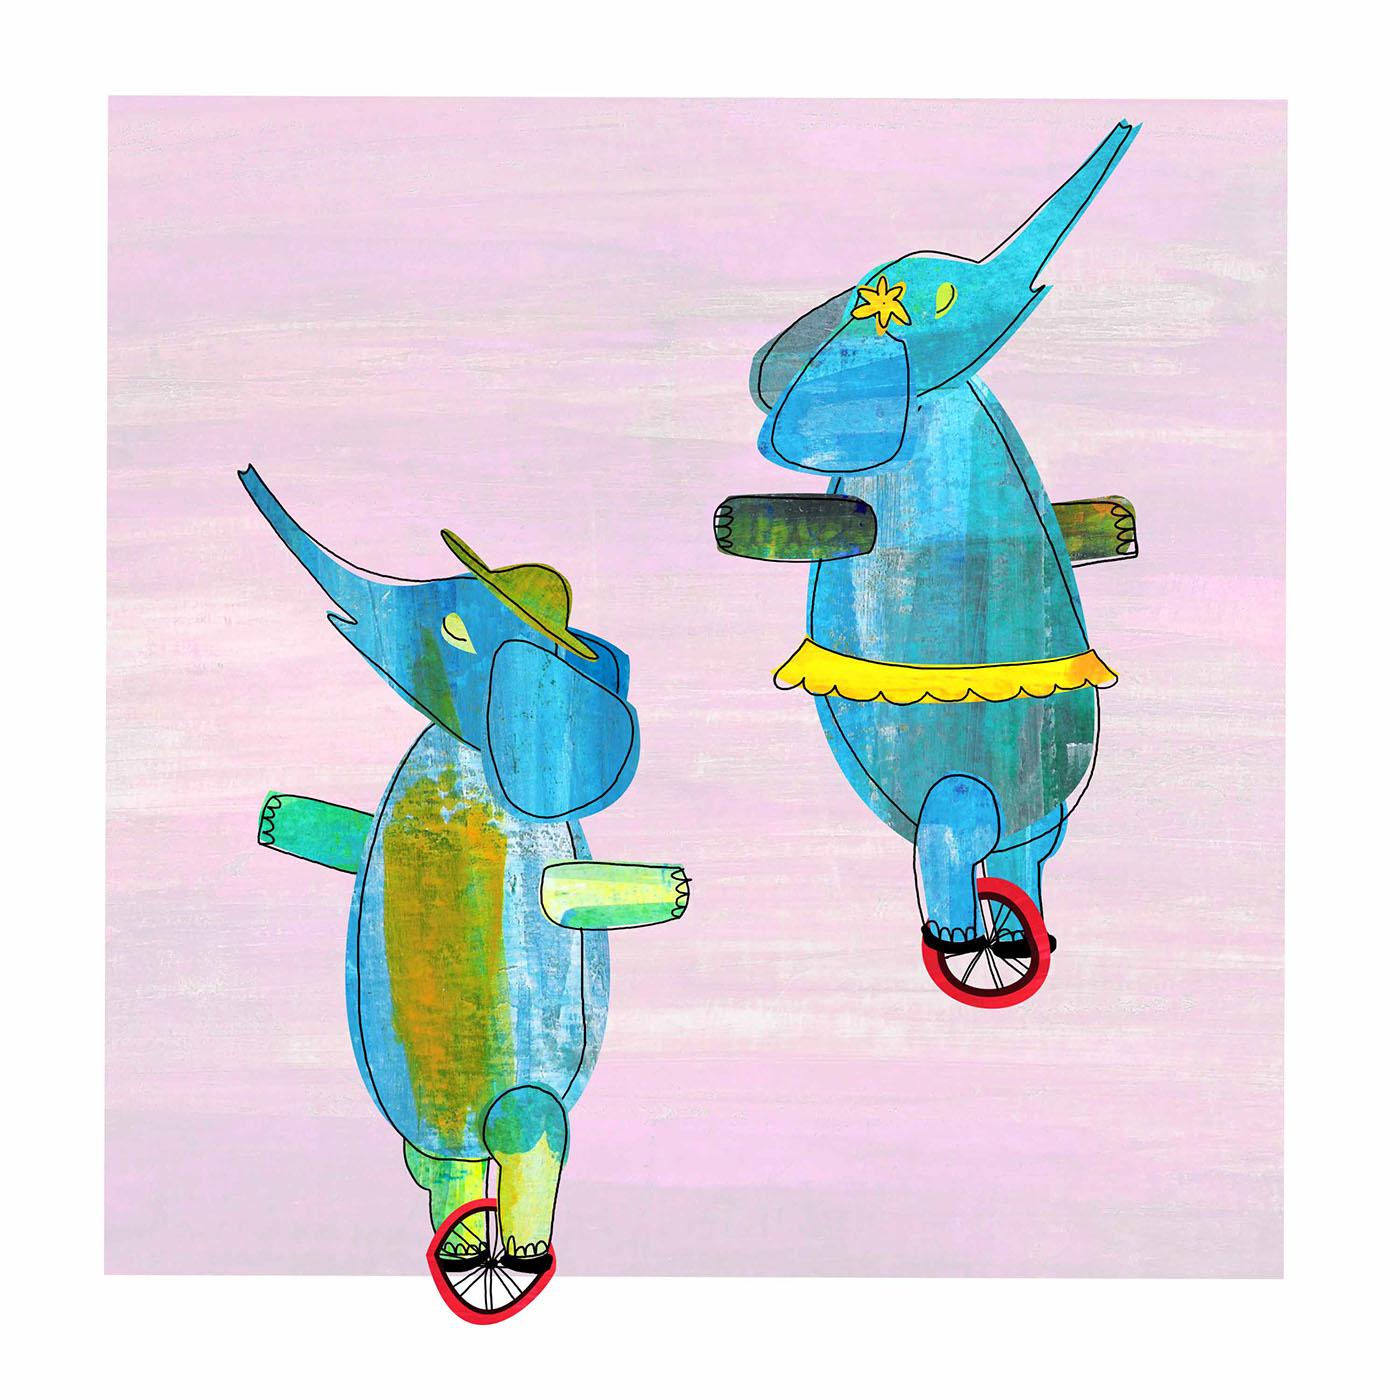 animator animations 2DAnimation 2D cutout cutoutanimation rigging characteranimation Duik AdobeAfterEffects